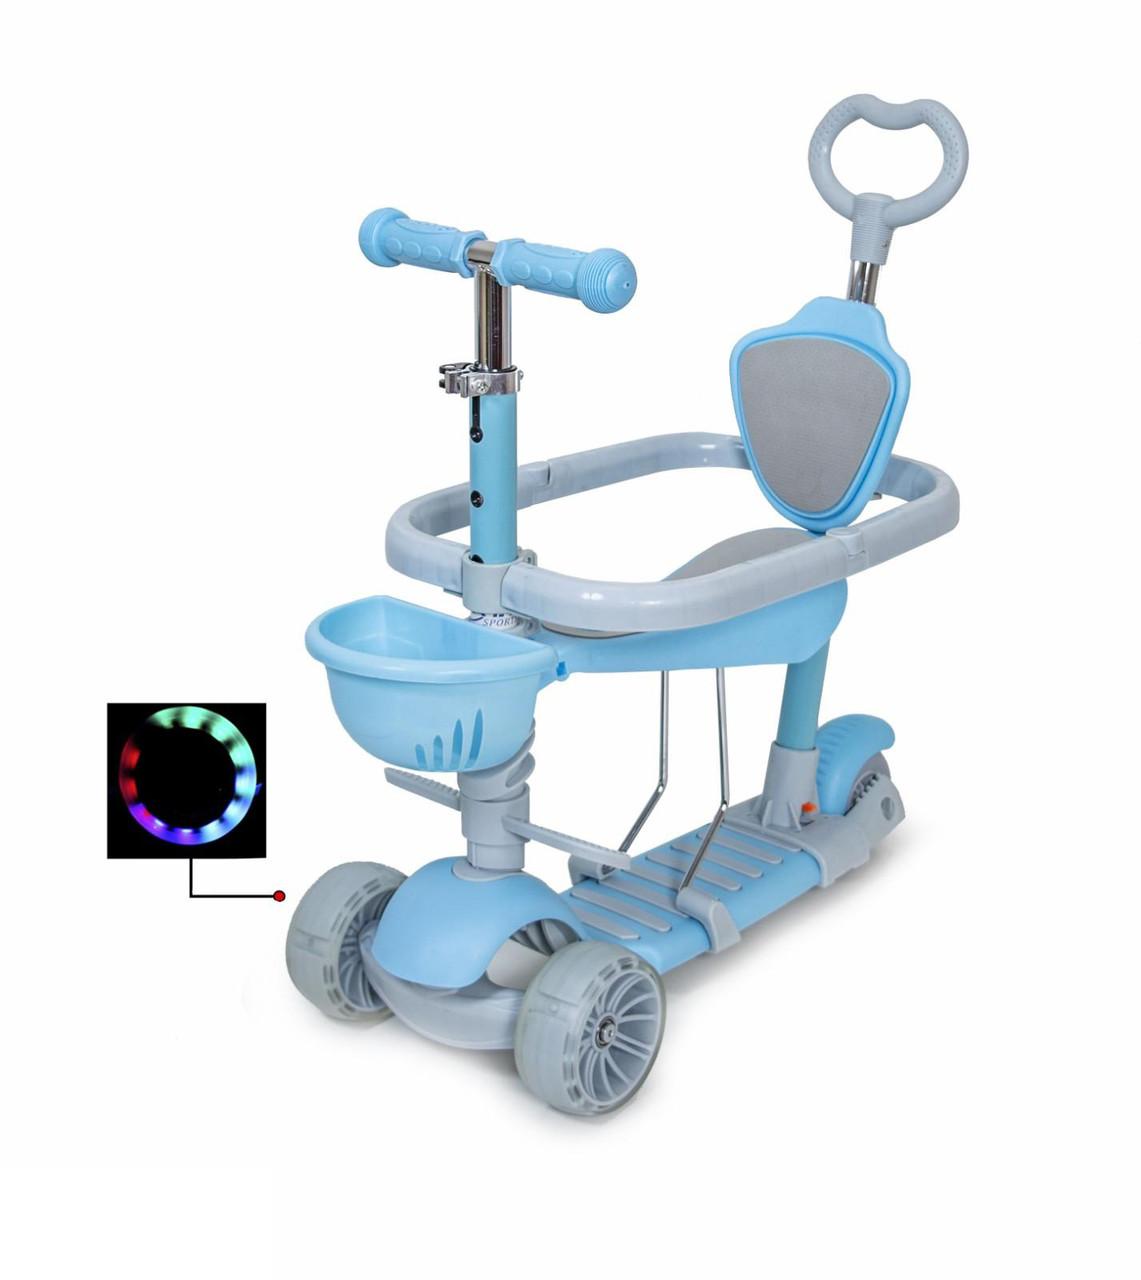 Детский самокат Scooter Smart 5 в 1 Светло голубой с ограничителем